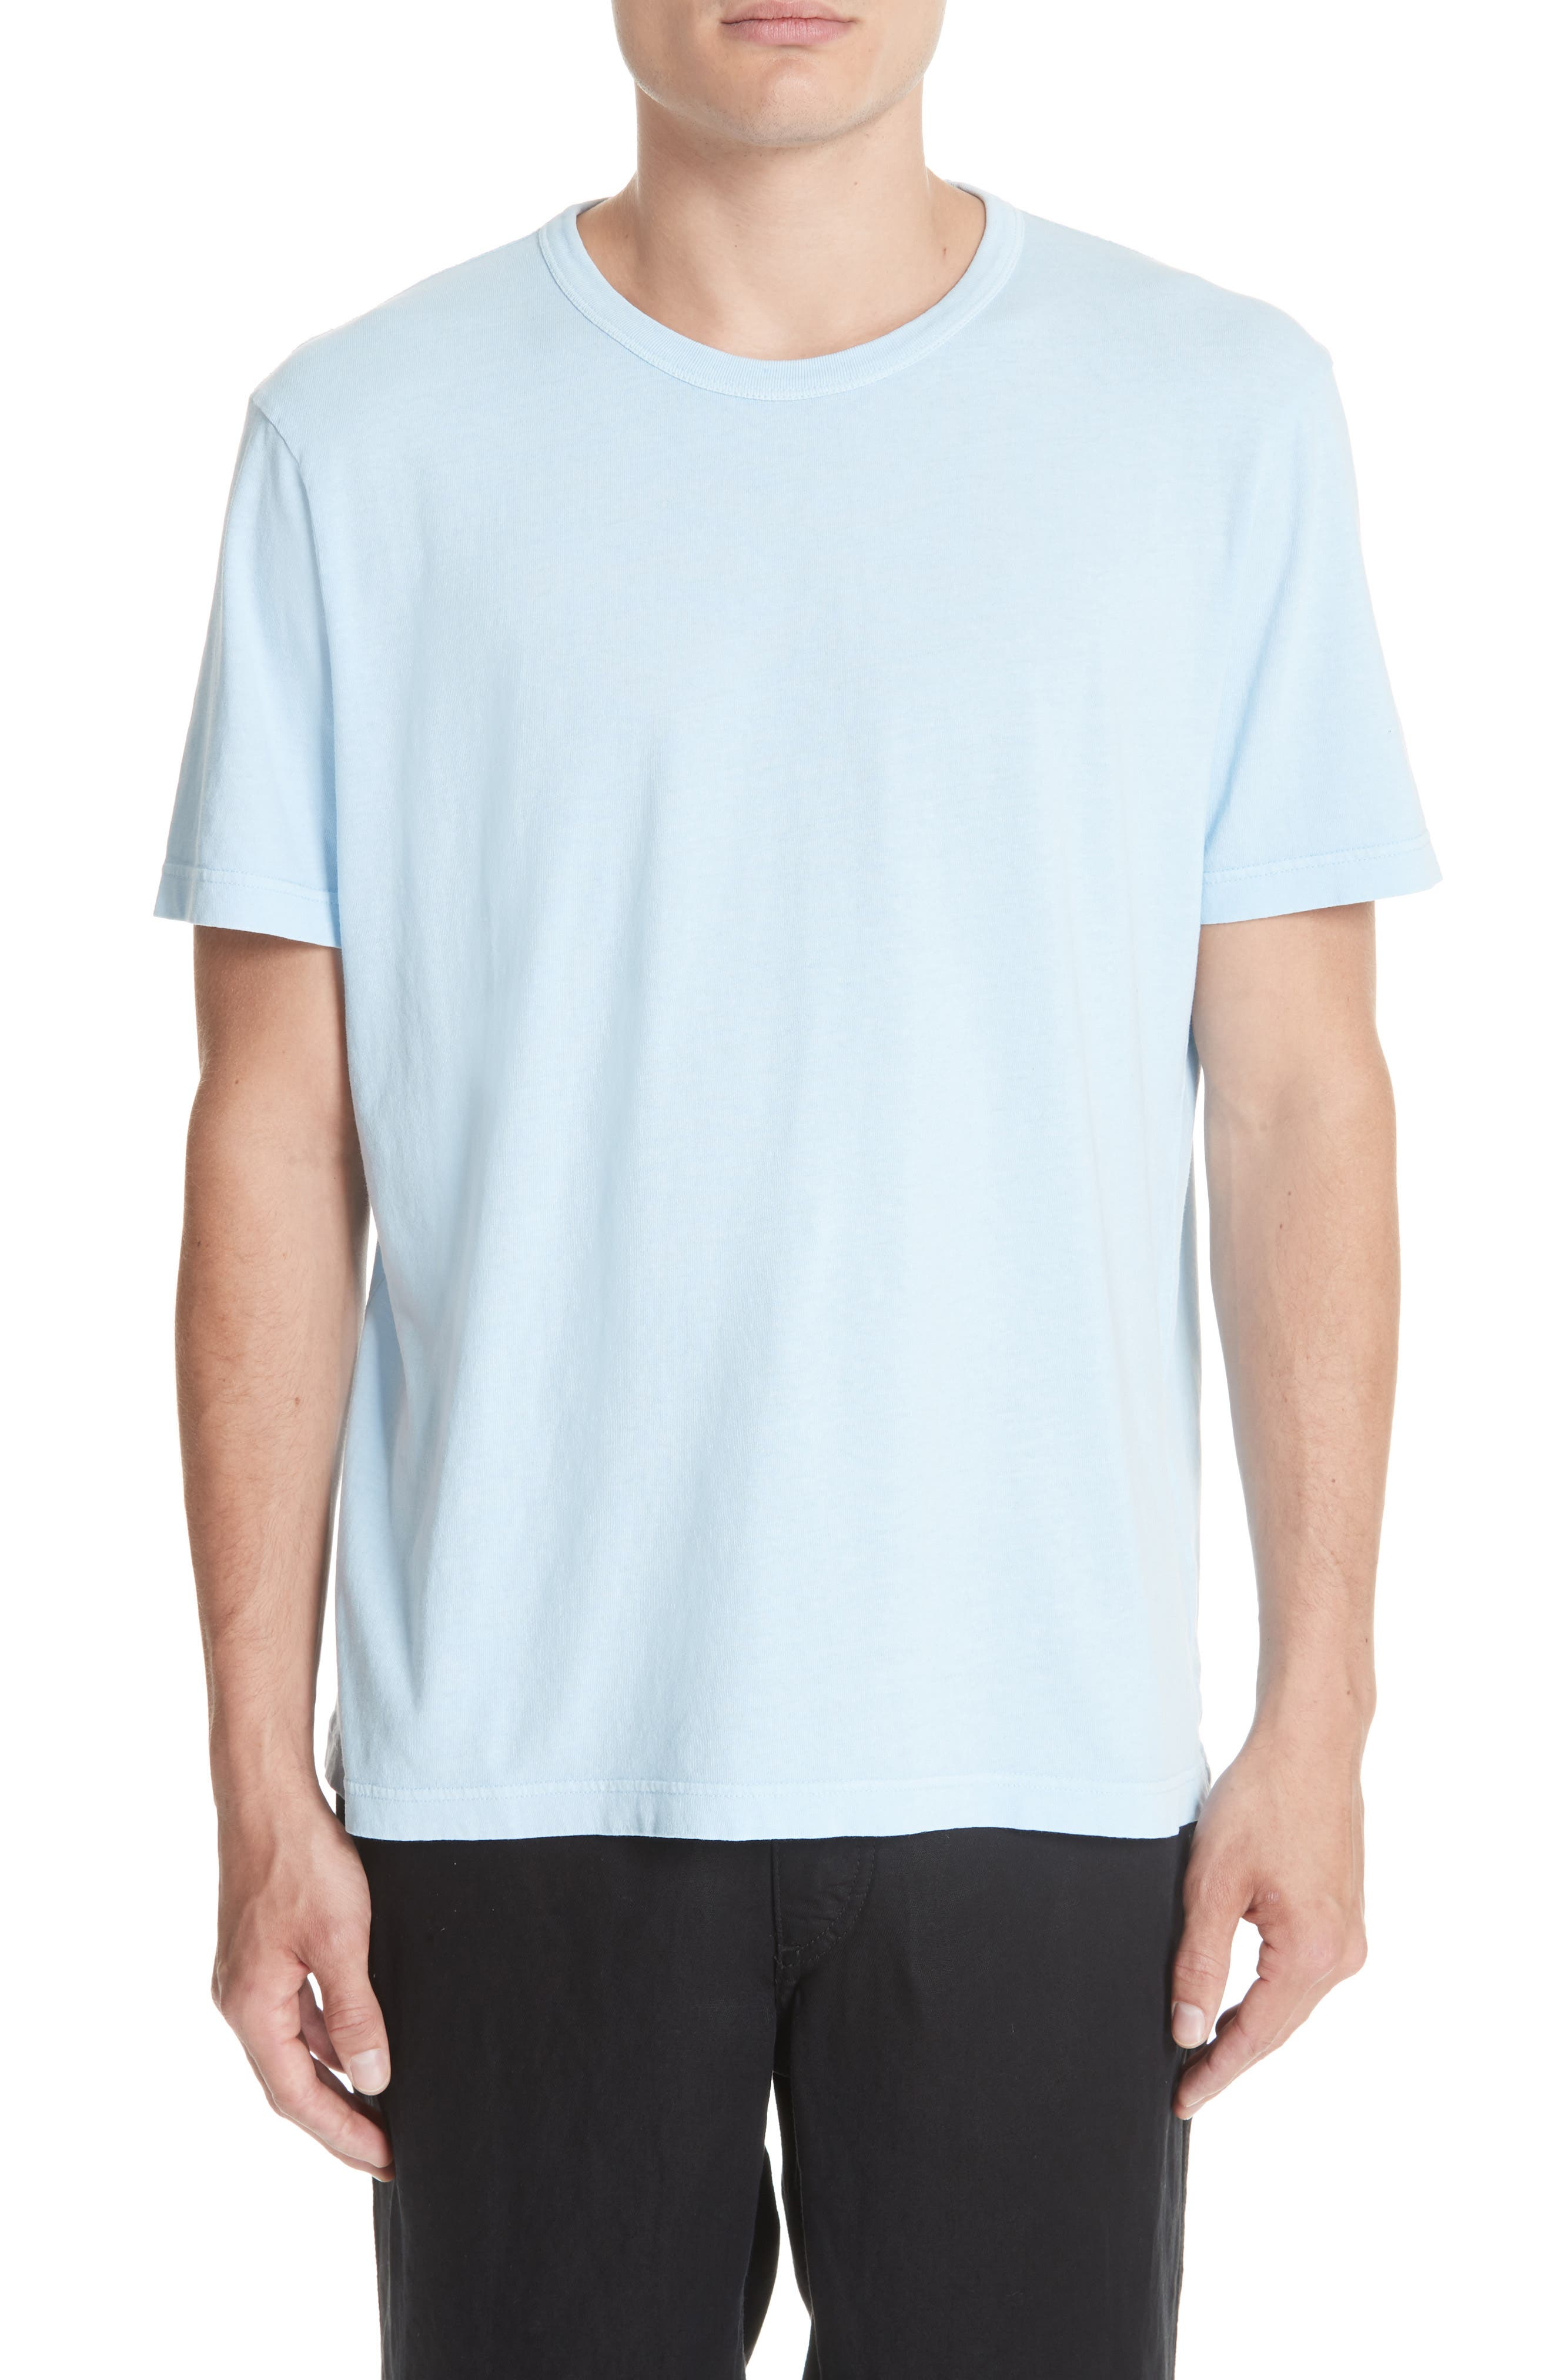 New Box T-Shirt,                             Main thumbnail 1, color,                             LIGHT BLUE